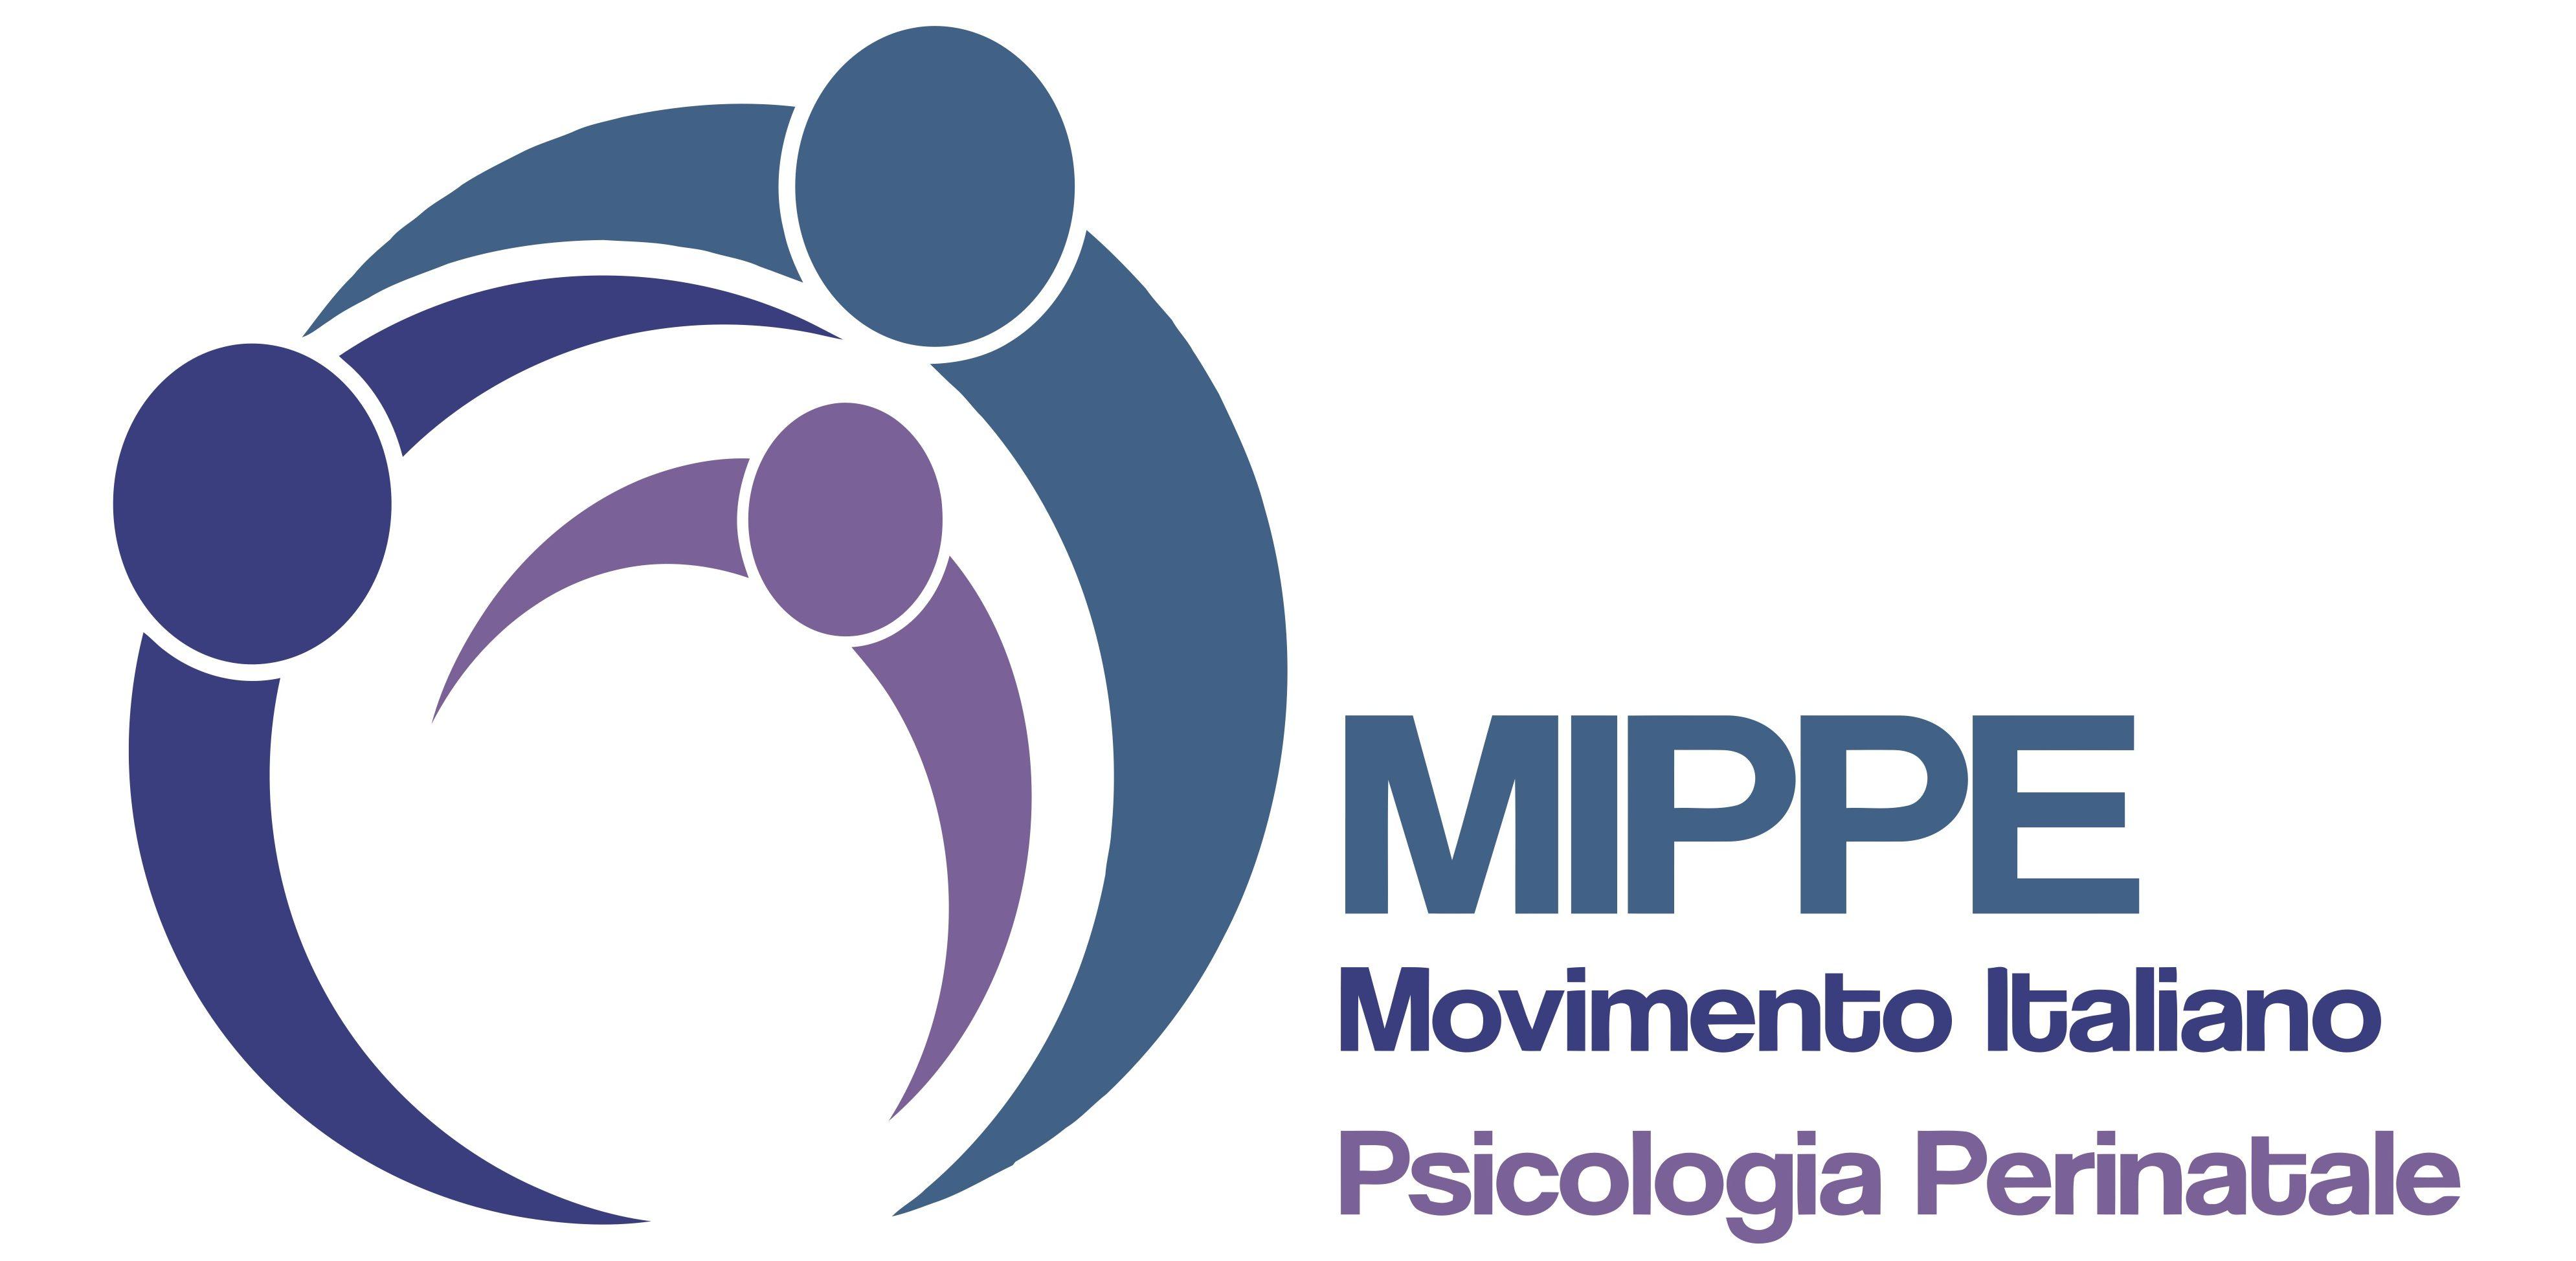 Movimento Italiano Psicologia Perinatale